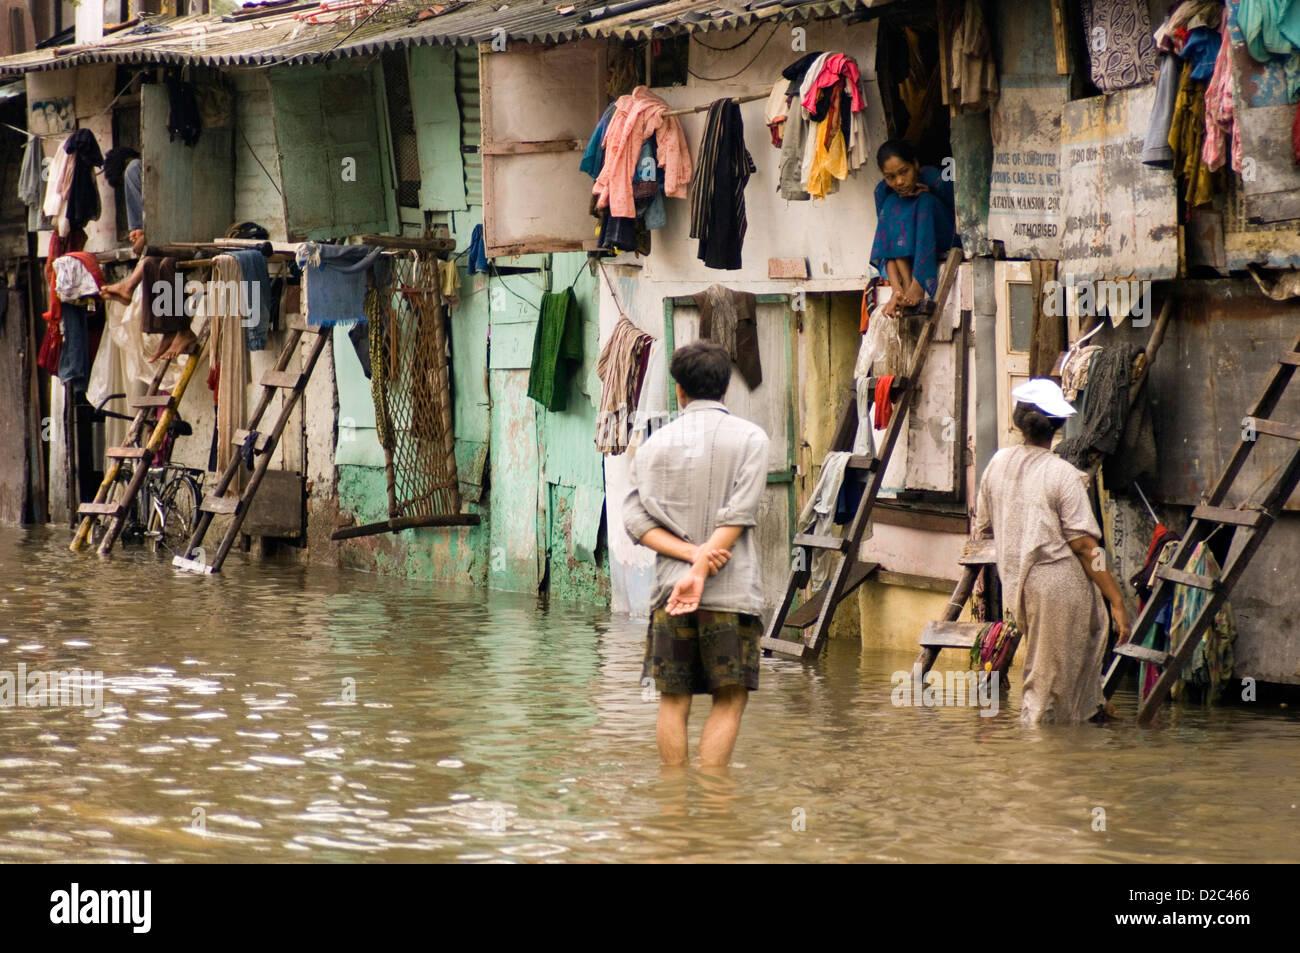 Monsoon, World Record Rain In Bombay, Now Mumbai, Maharashtra, India Stock  Photo - Alamy